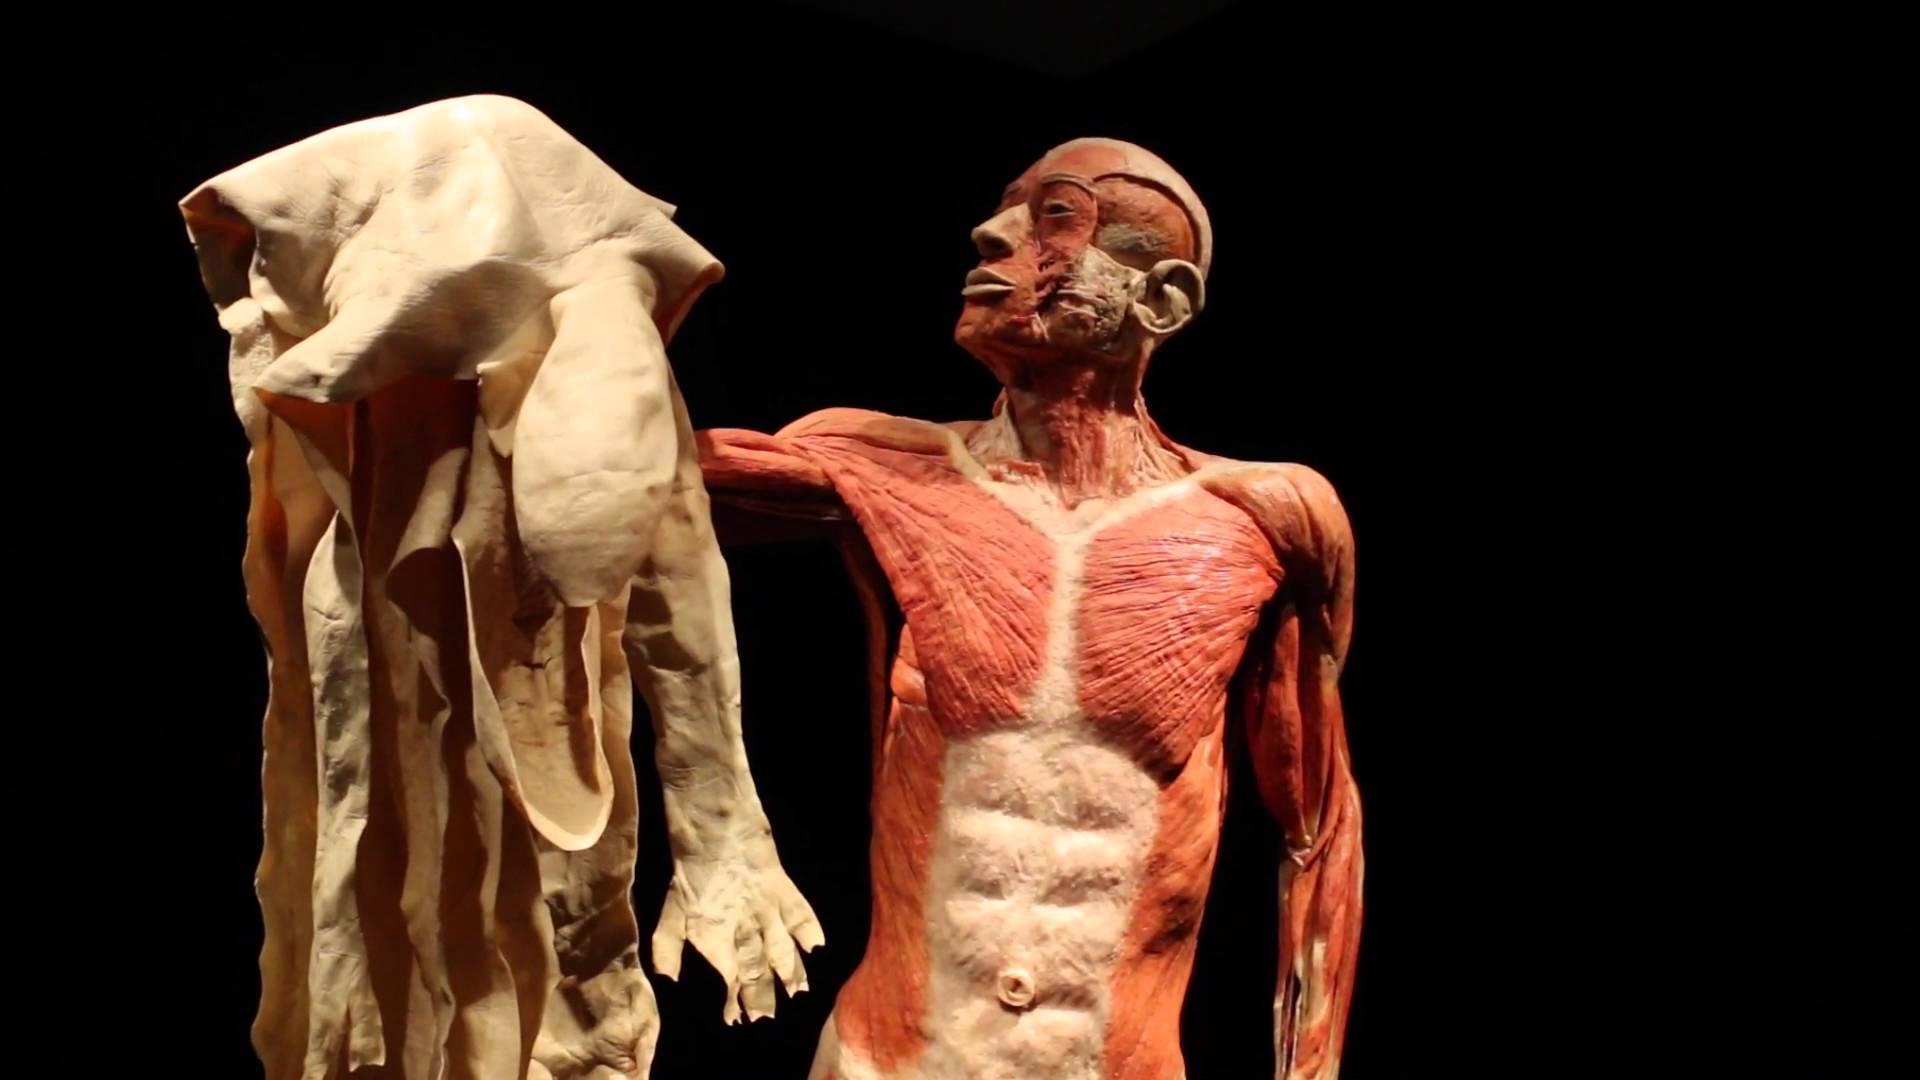 صور هل تعلم عن الانسان , معلومات لا تعرفها عن جسدك